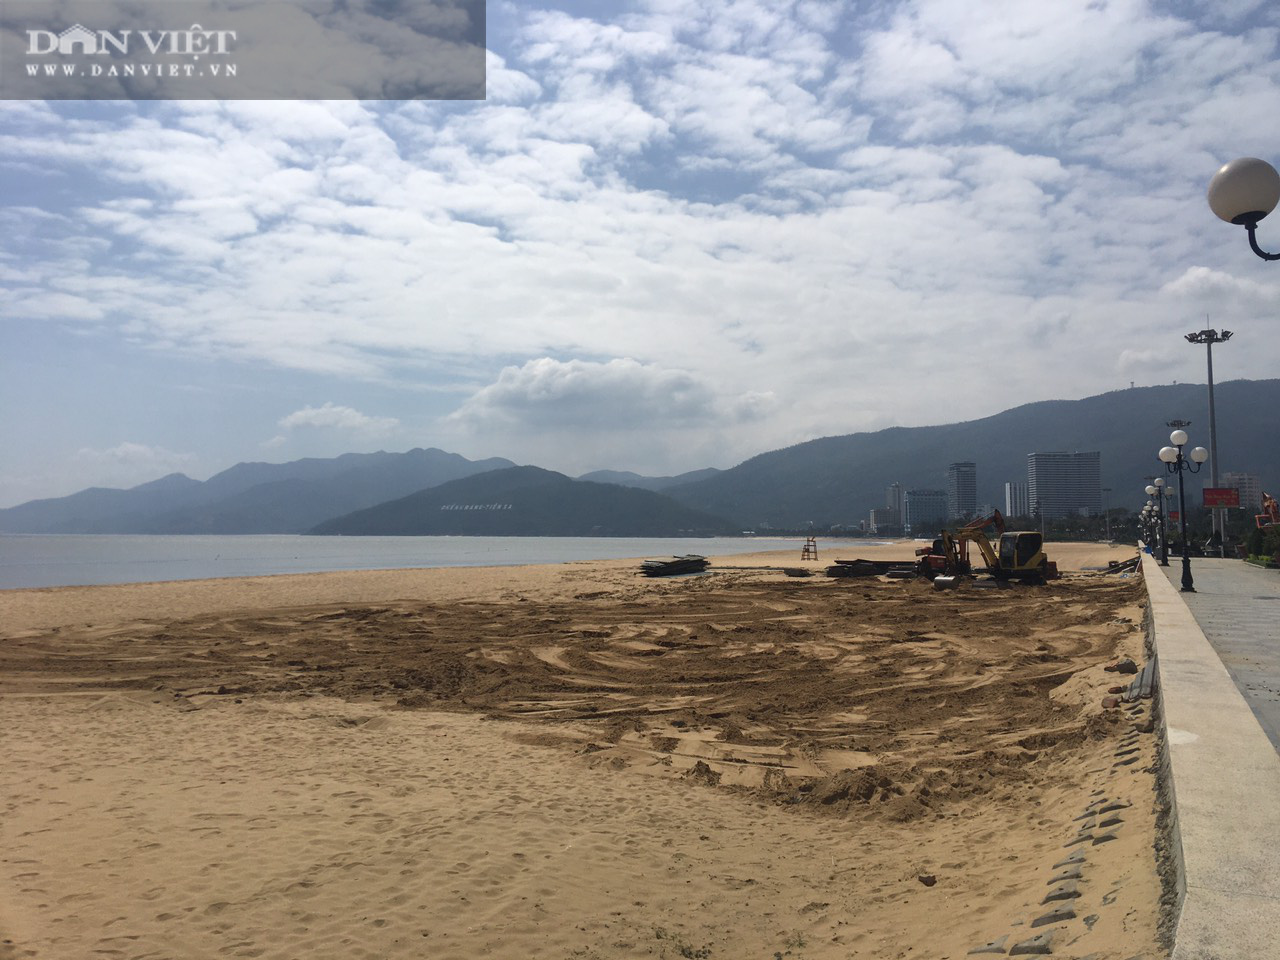 Cận cảnh cẩu 65 móng trụ bê tông không phép rời khỏi bãi biển Quy Nhơn - Ảnh 15.